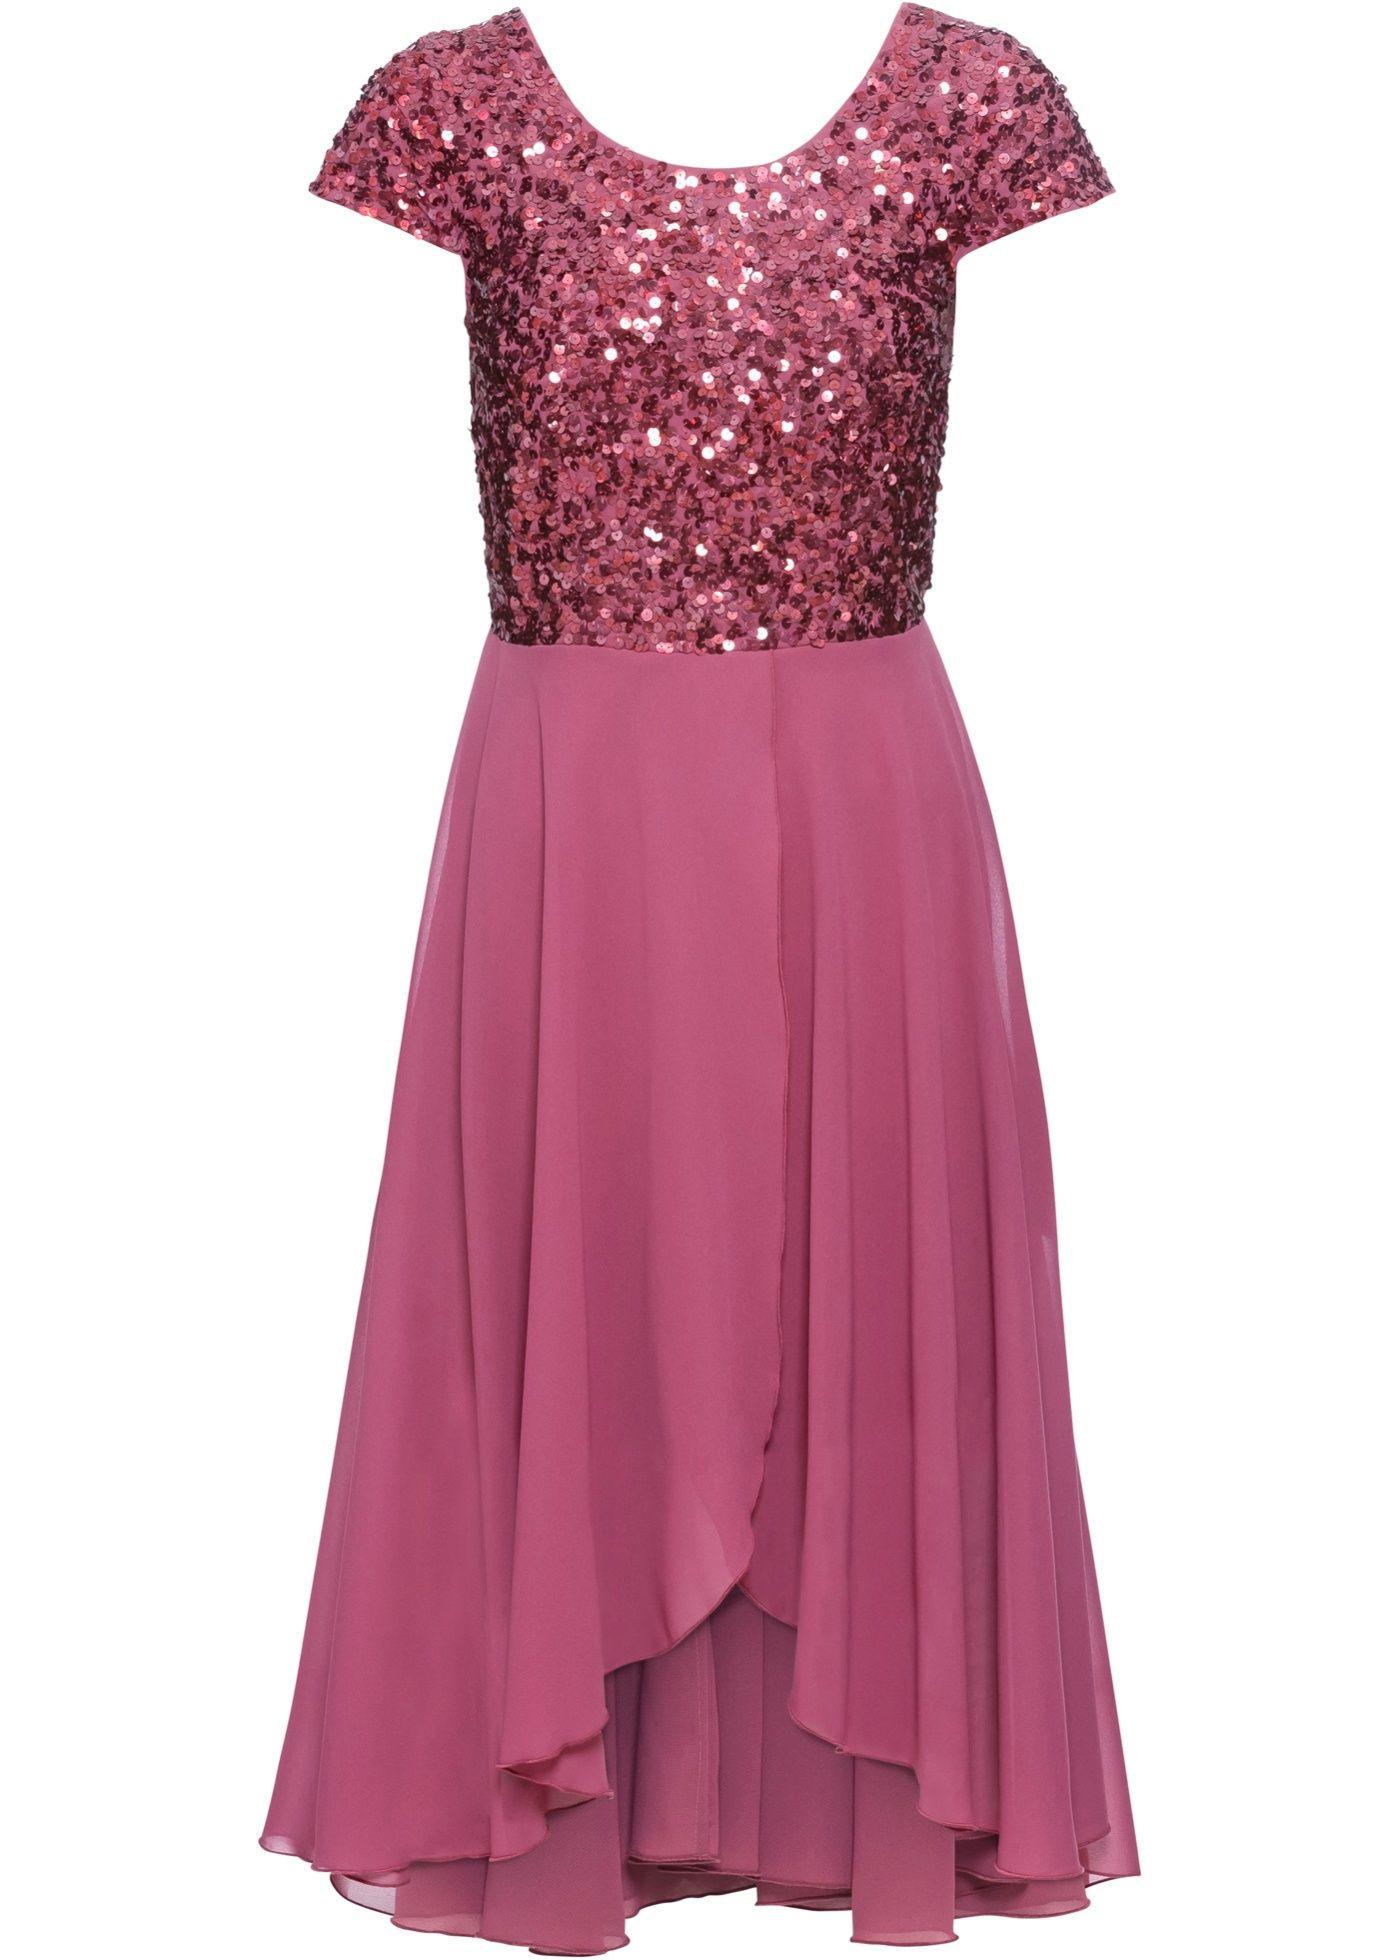 10 Ausgezeichnet Abend Dress Type Boutique13 Coolste Abend Dress Type Stylish